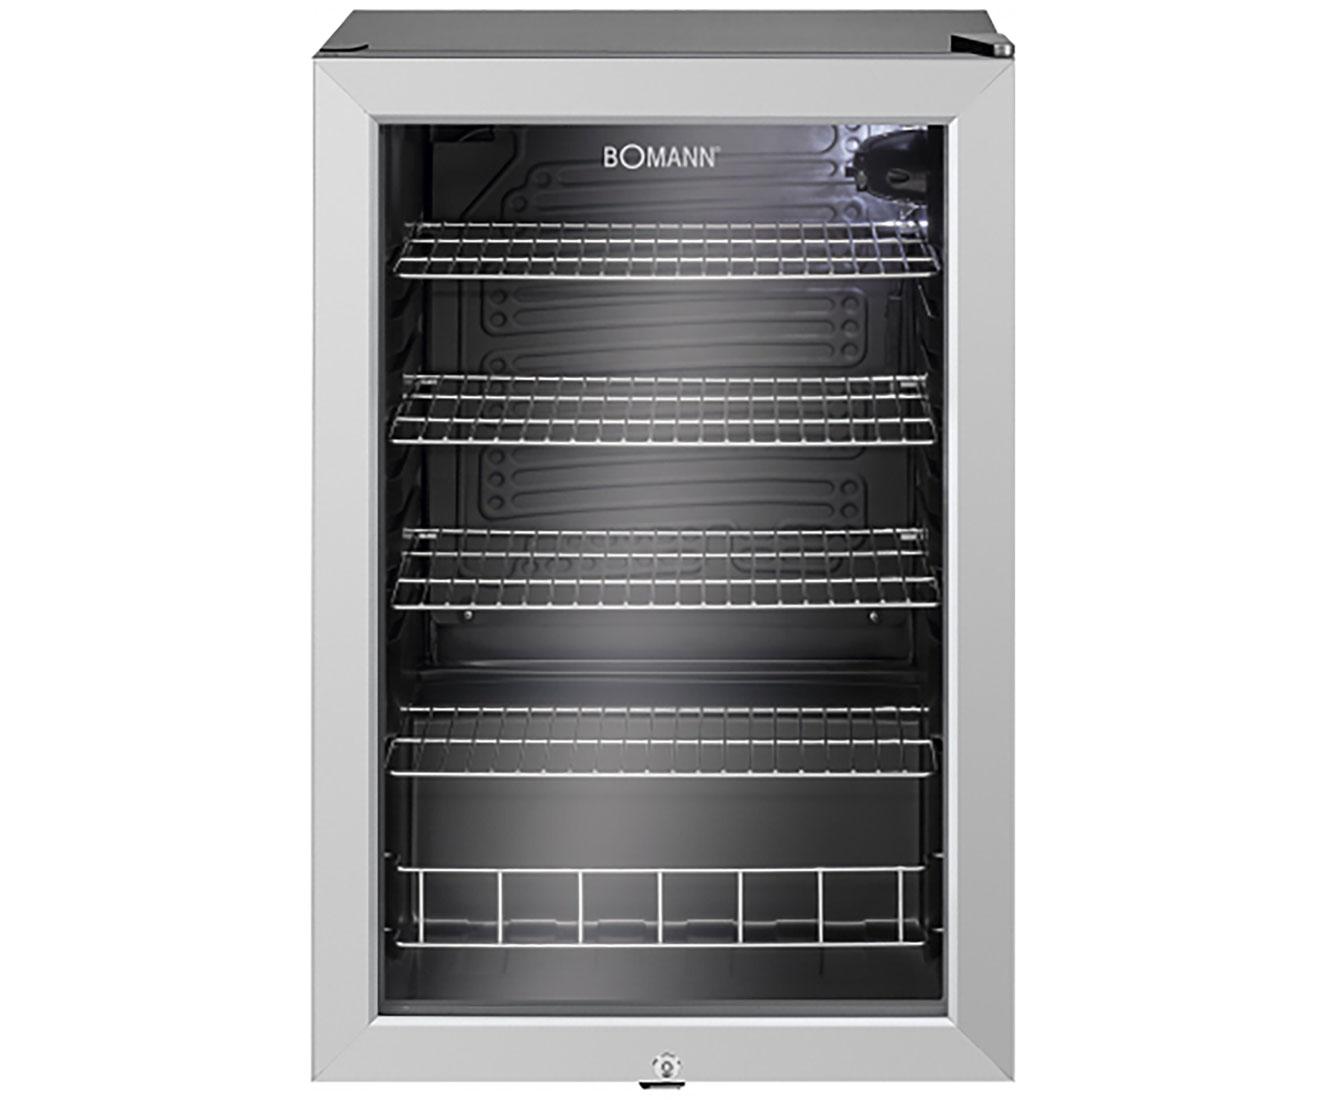 Bomann Kühlschrank Produktion : Bomann ksg kühlschrank schwarz a